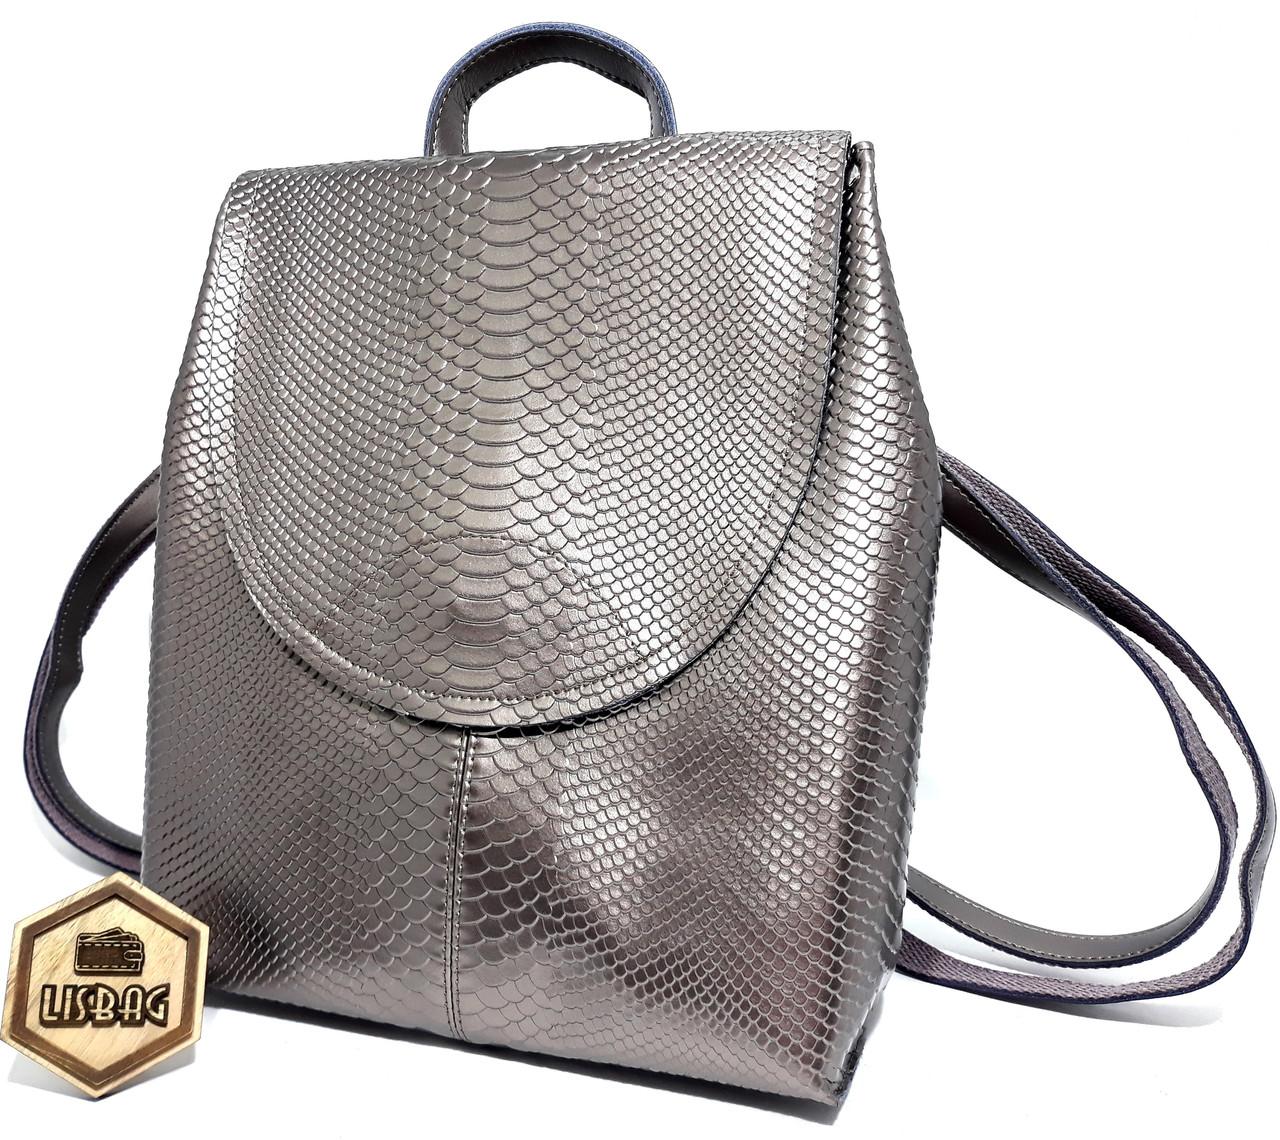 d09a1c261291 Серебряный женский кожаный портфель-сумка 2в1 классического дизайна - Интернет  магазин Lisbag в Умани